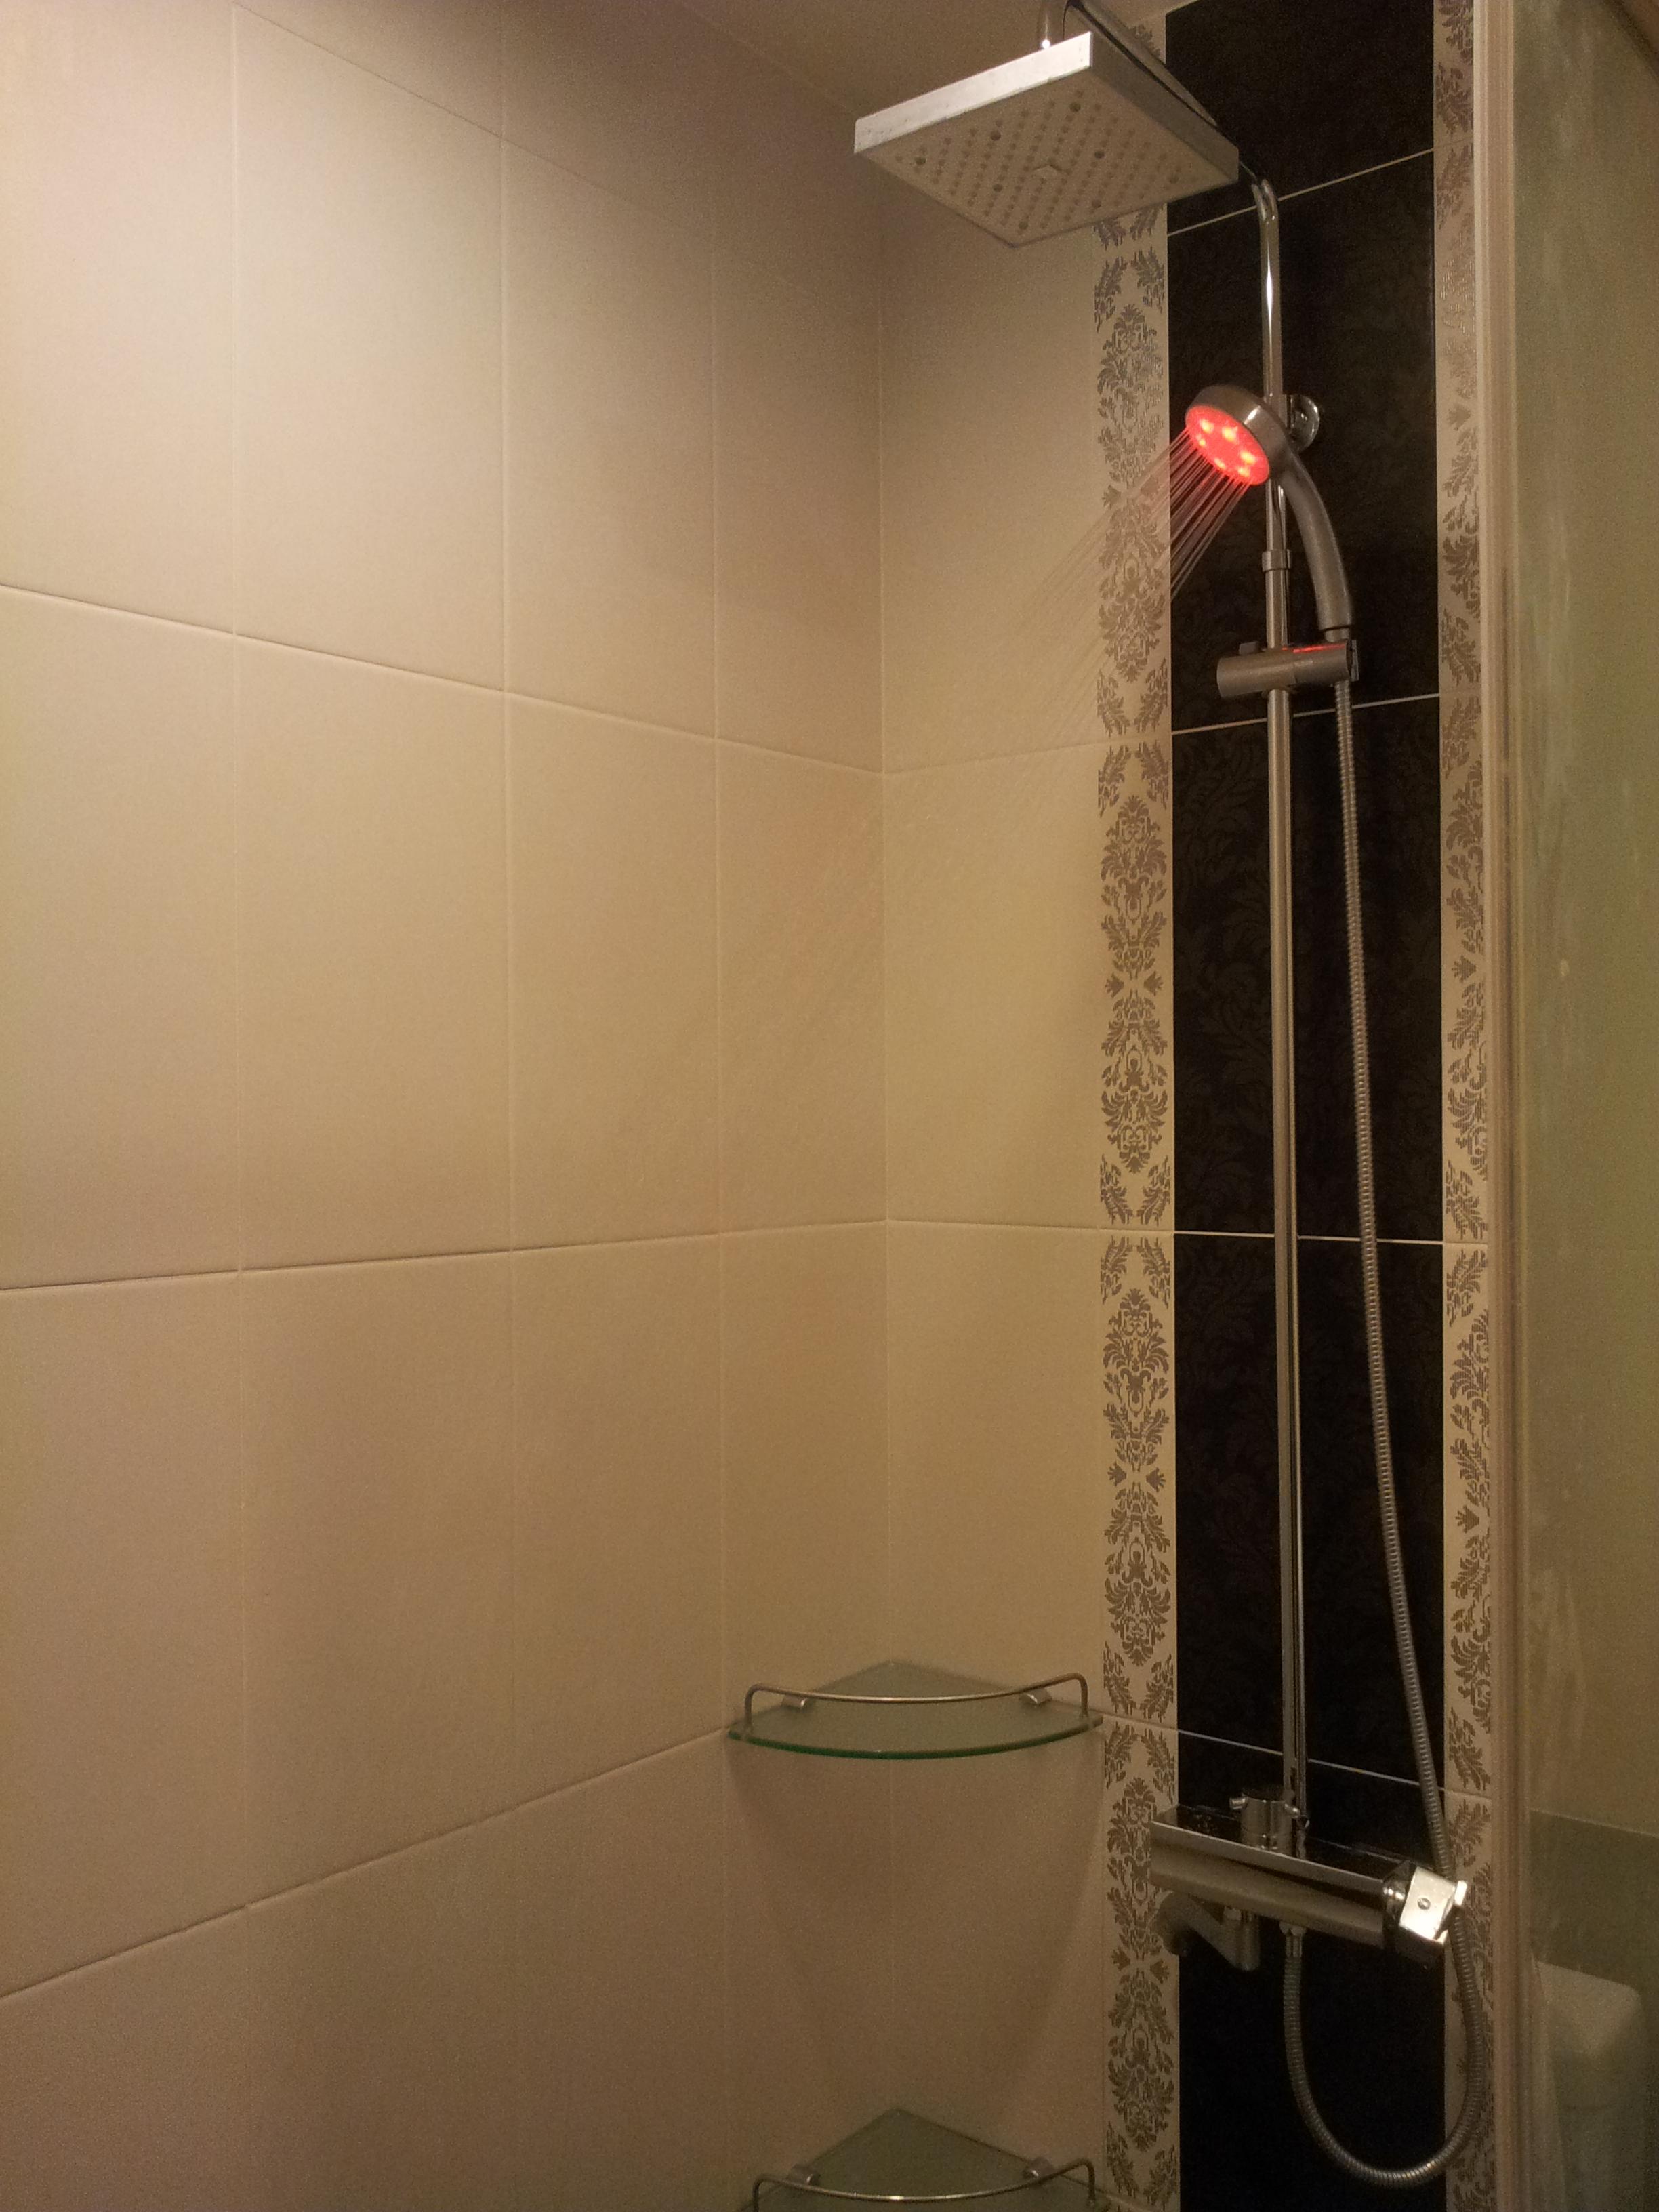 台北住家淋浴間LED燈光蓮蓬頭安裝 (4).jpg